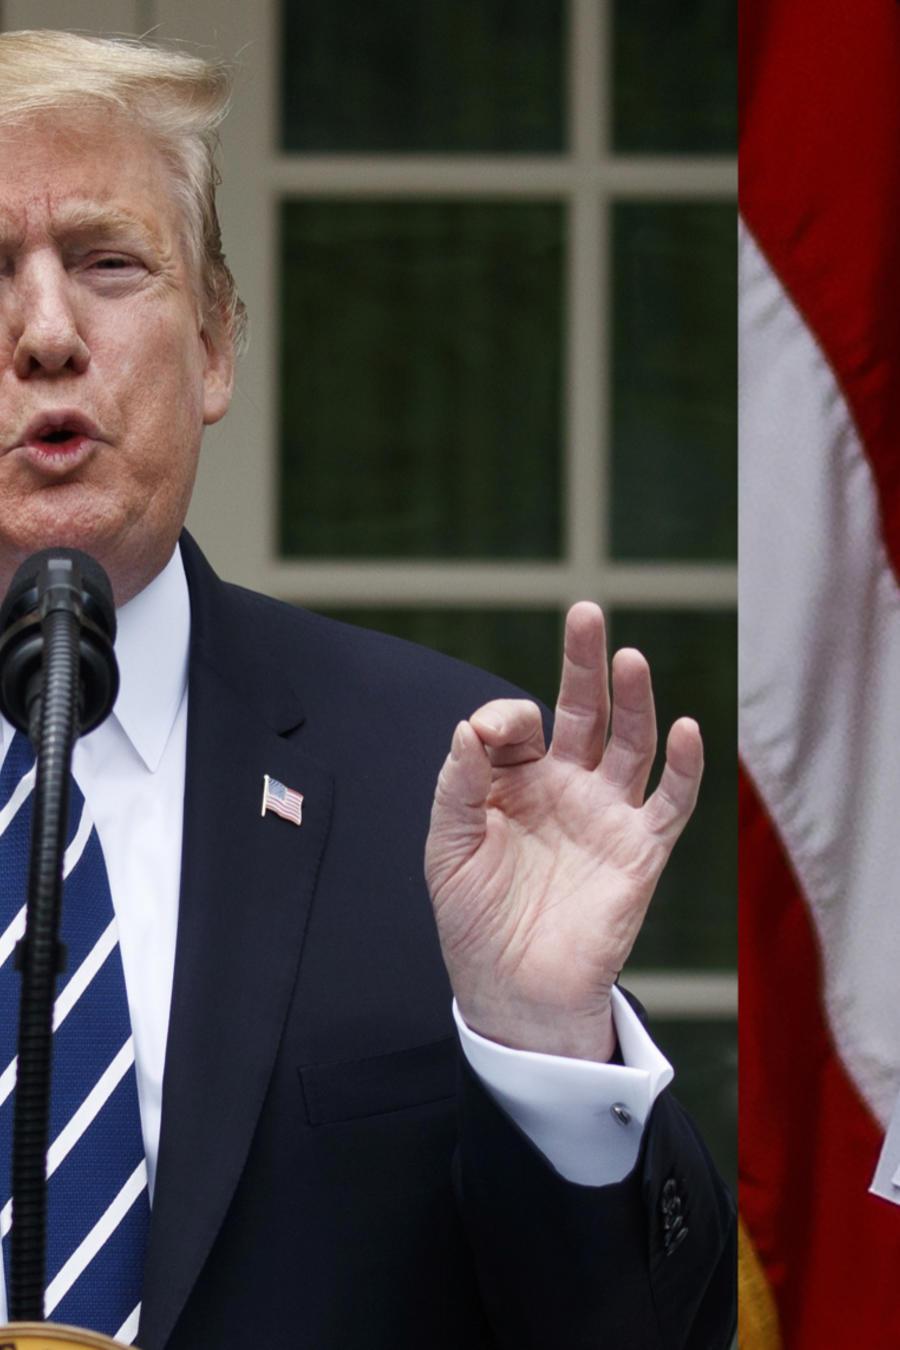 Trump, durante un discurso el miércoles en la Casa Blanca. A la derecha, sus notas.